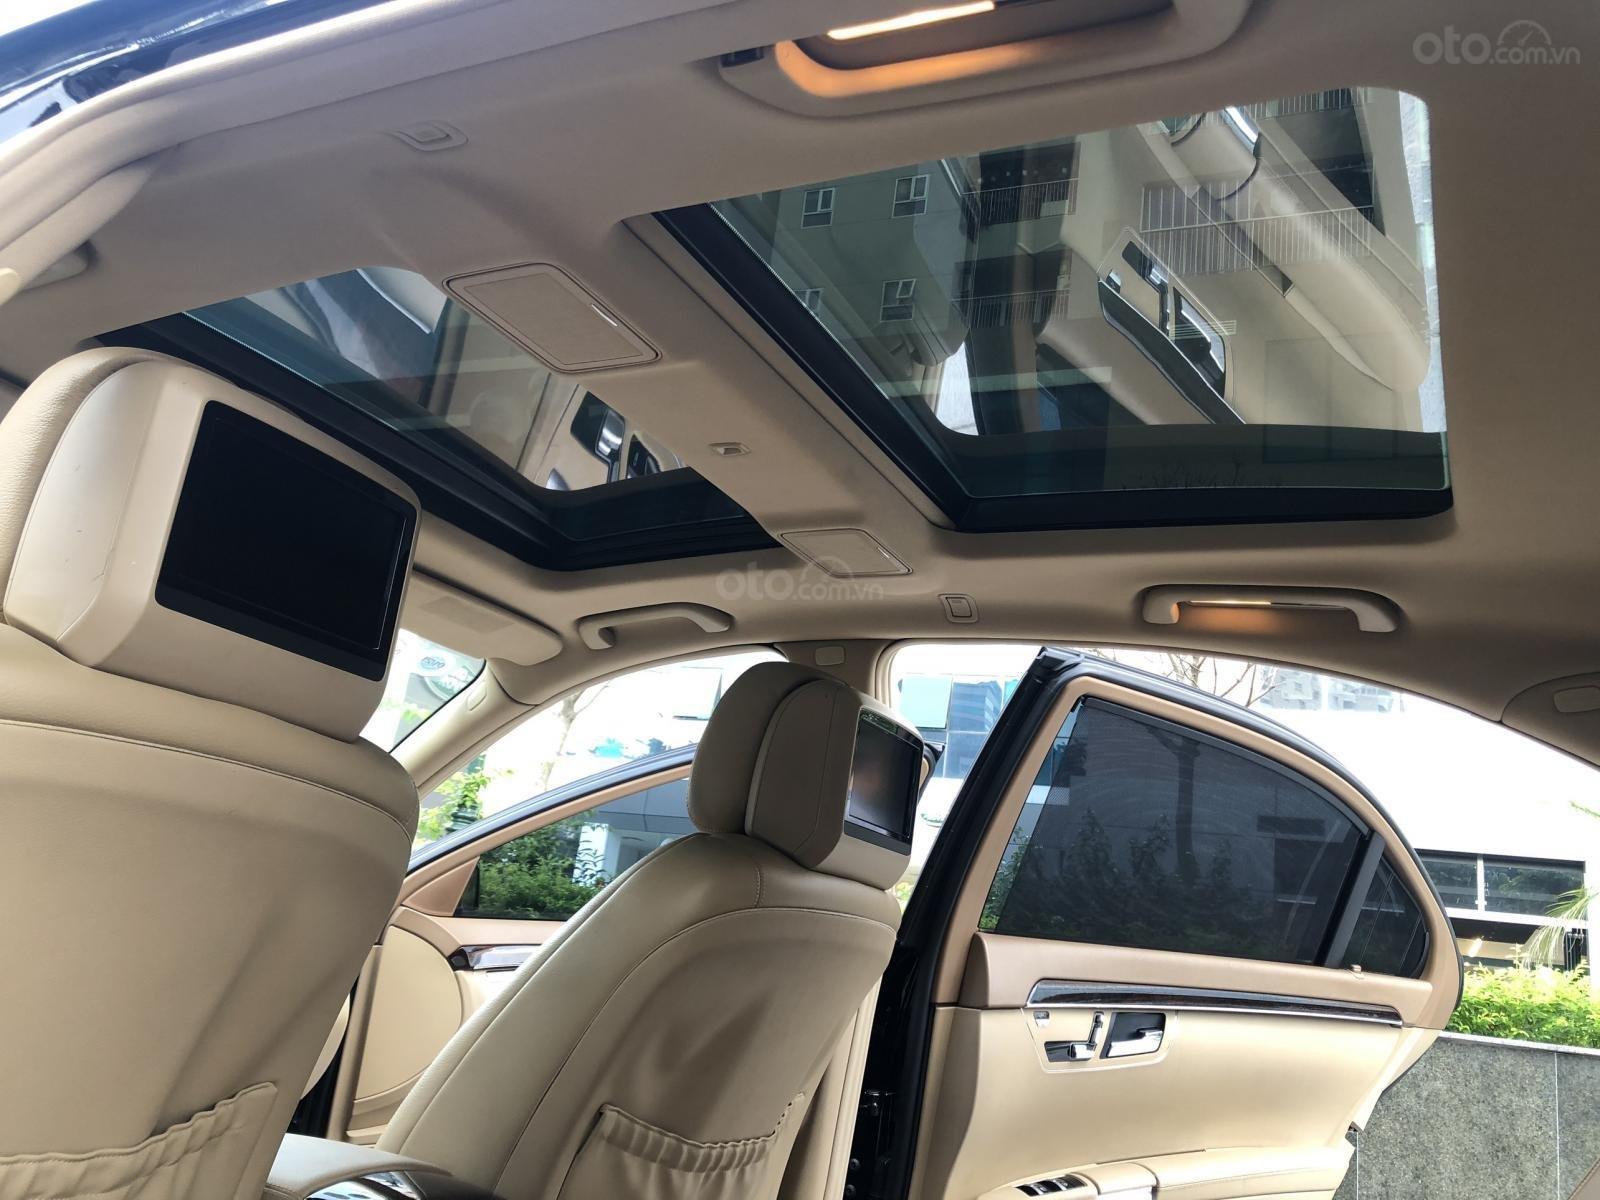 Mercedes S300 SX 2010 nhập khẩu (9)